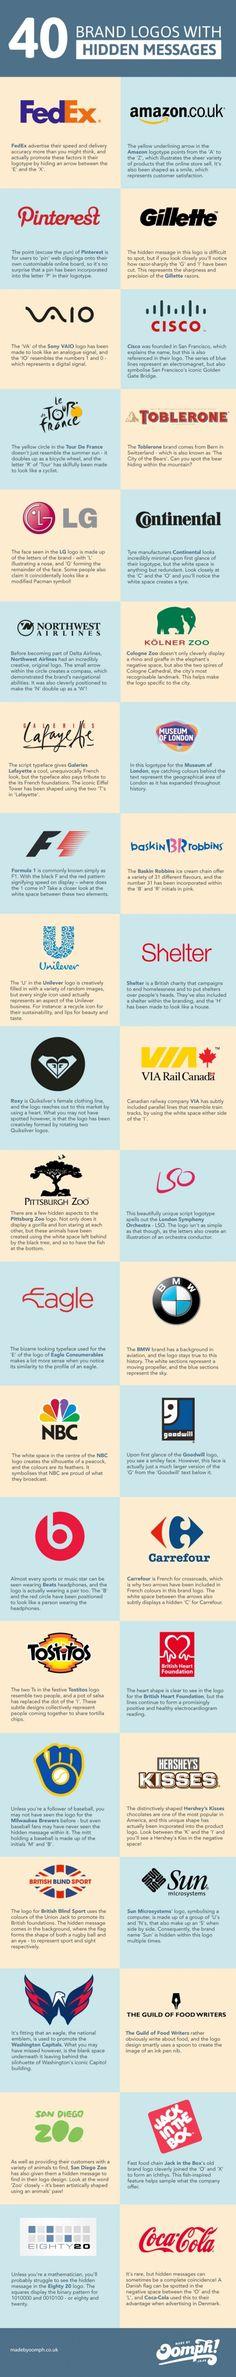 40 Logos With Hidden Messages | UltraLinx